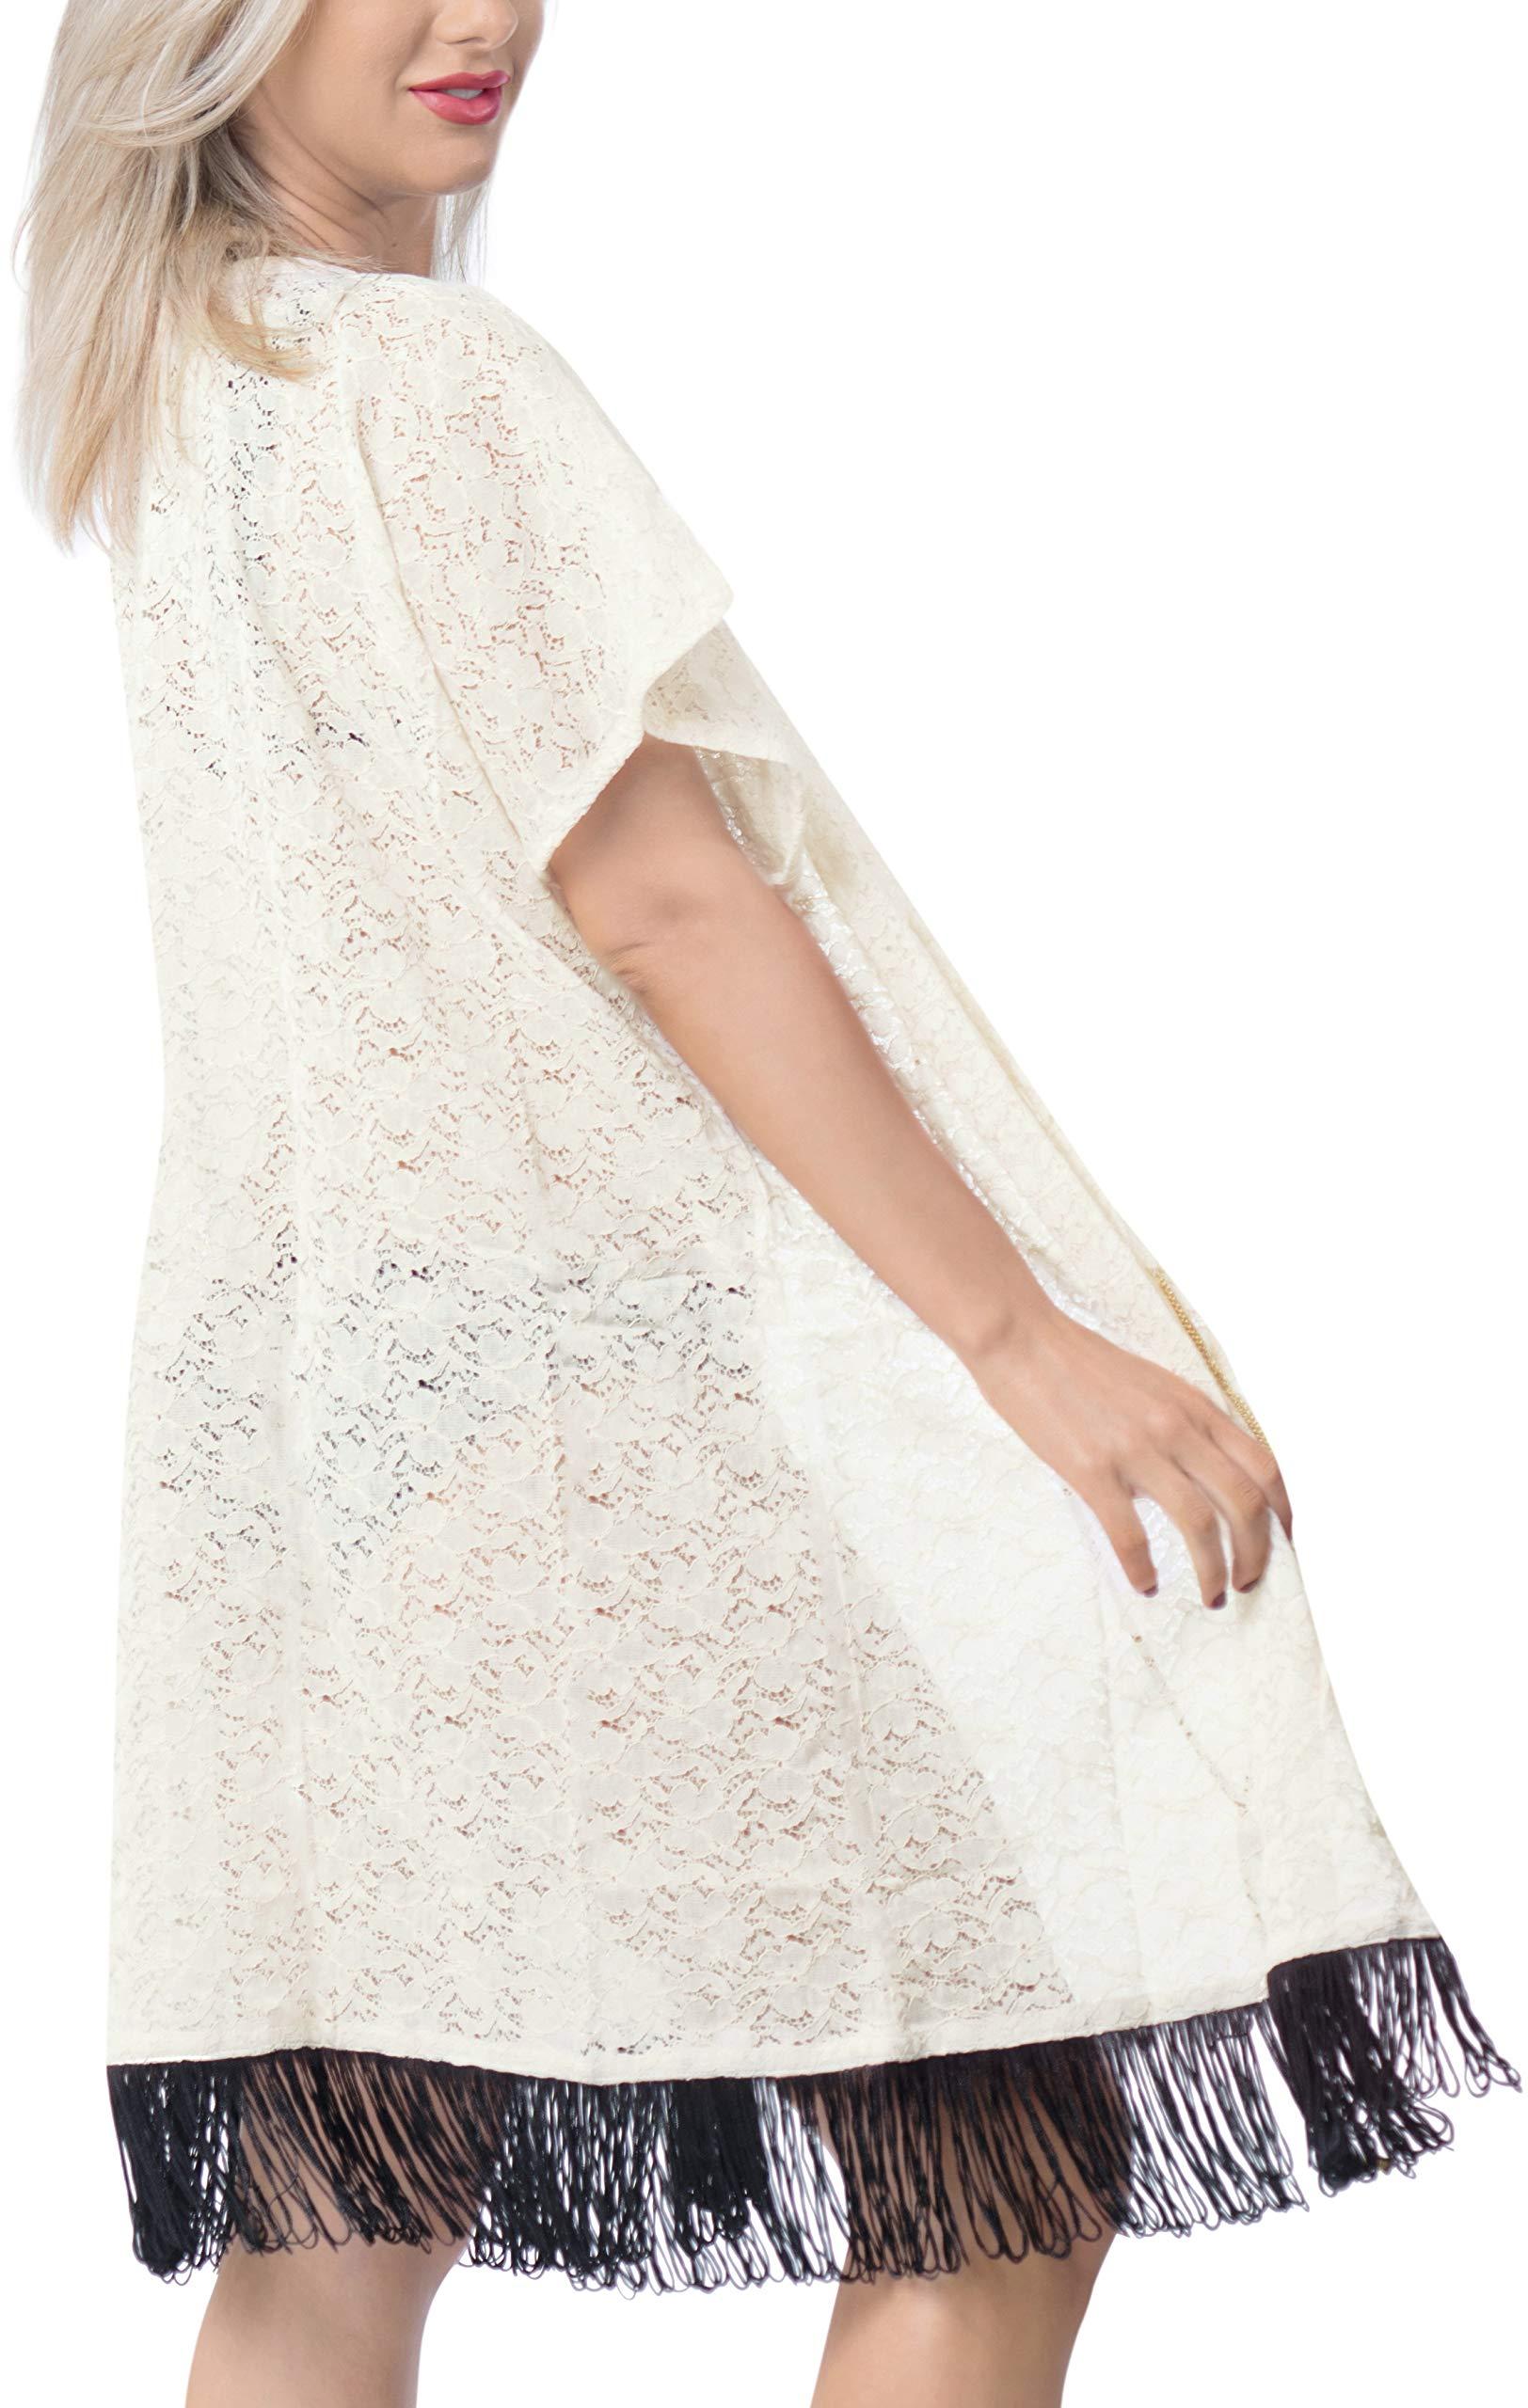 LA LEELA Copricostume Mare Cardigan Donna Taglie Forti- Vintage Chiffon Estivo Scialle Elegante Solido Kimono Vestito… 5 spesavip